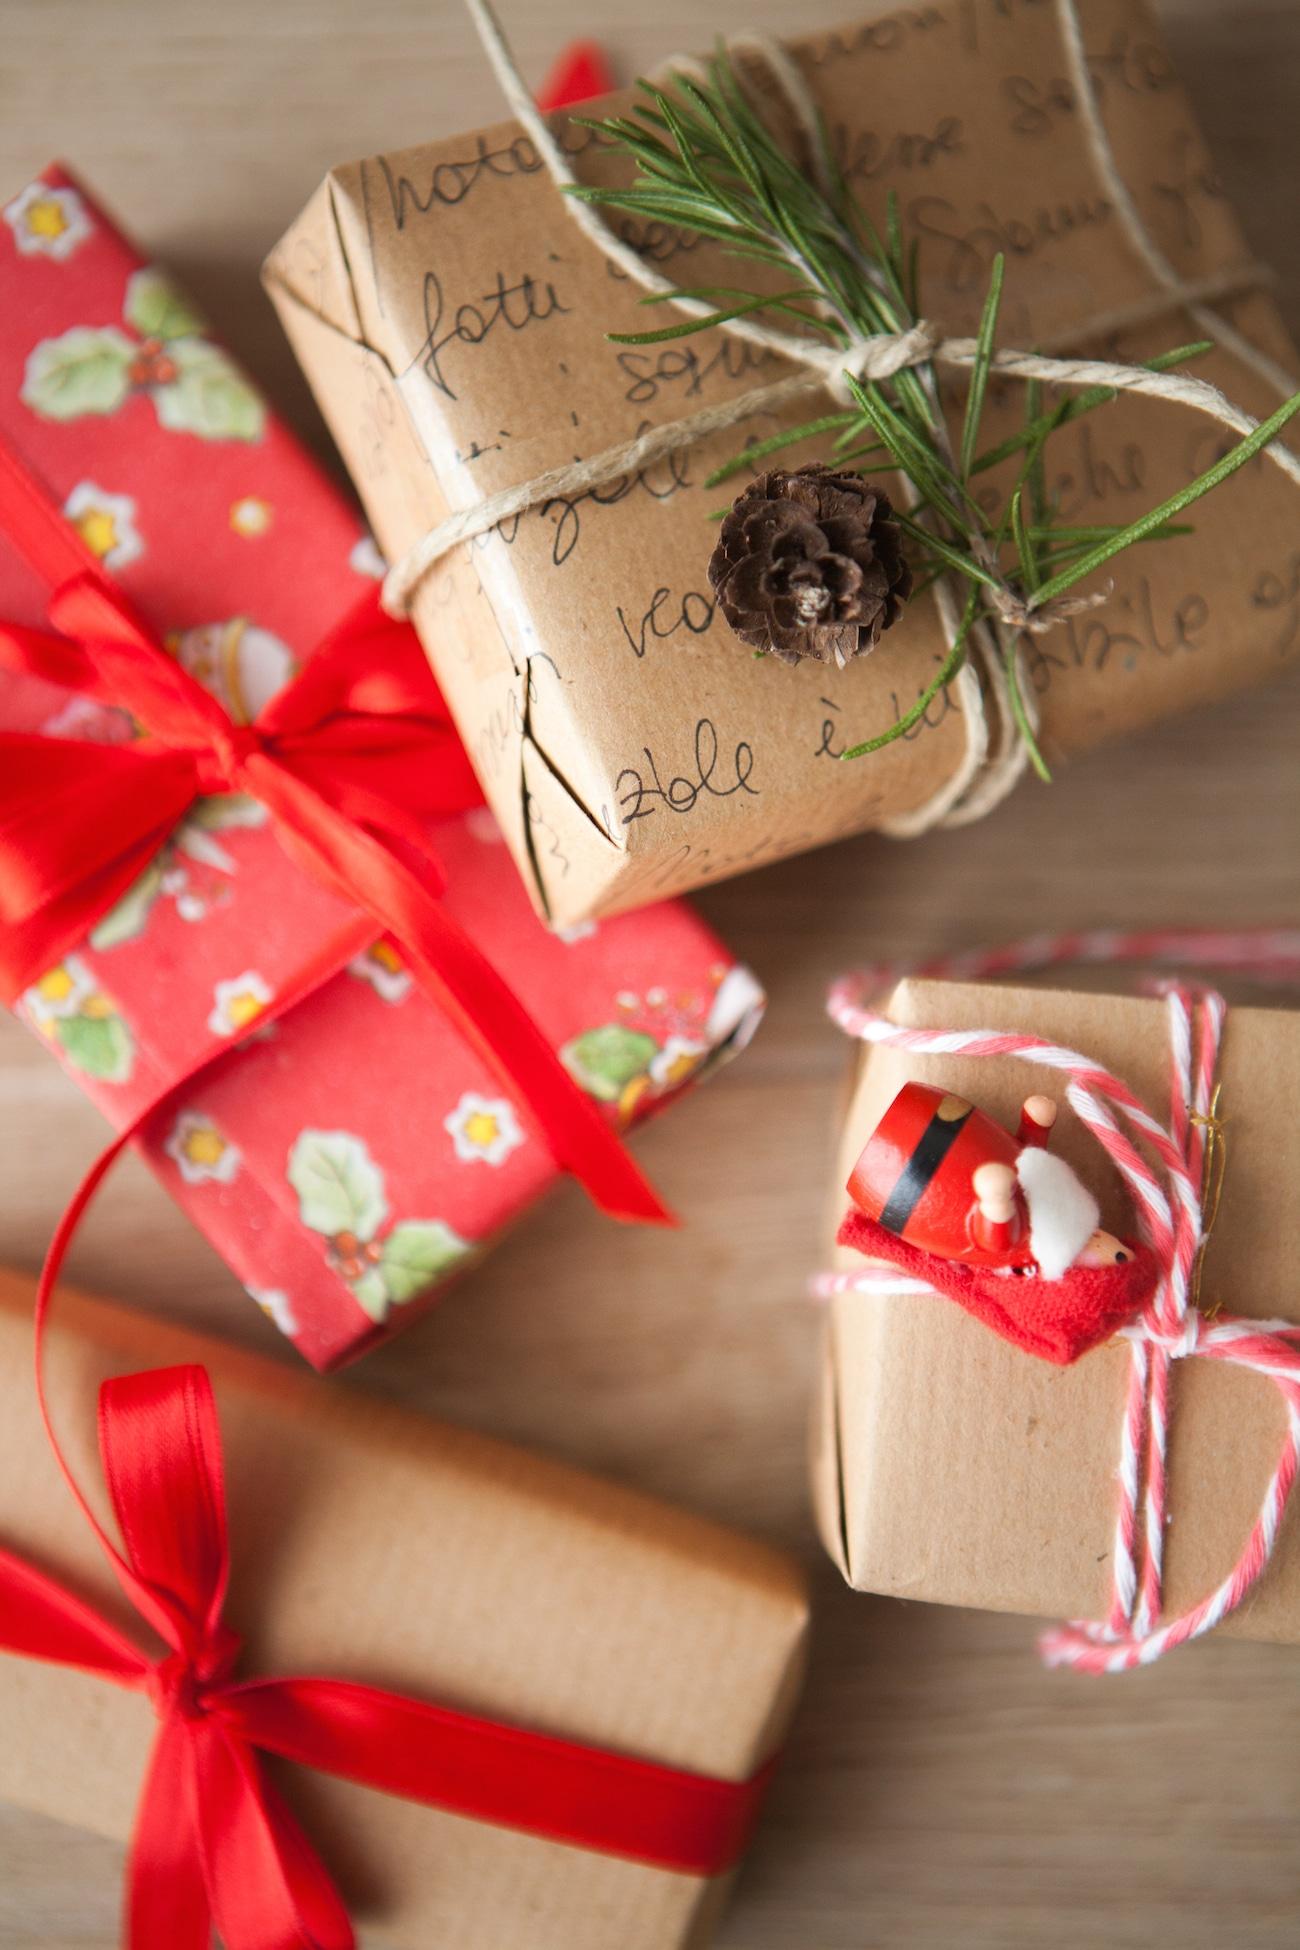 Regali di Natale: 3 semplici DIY per fare pacchetti bellissimi!